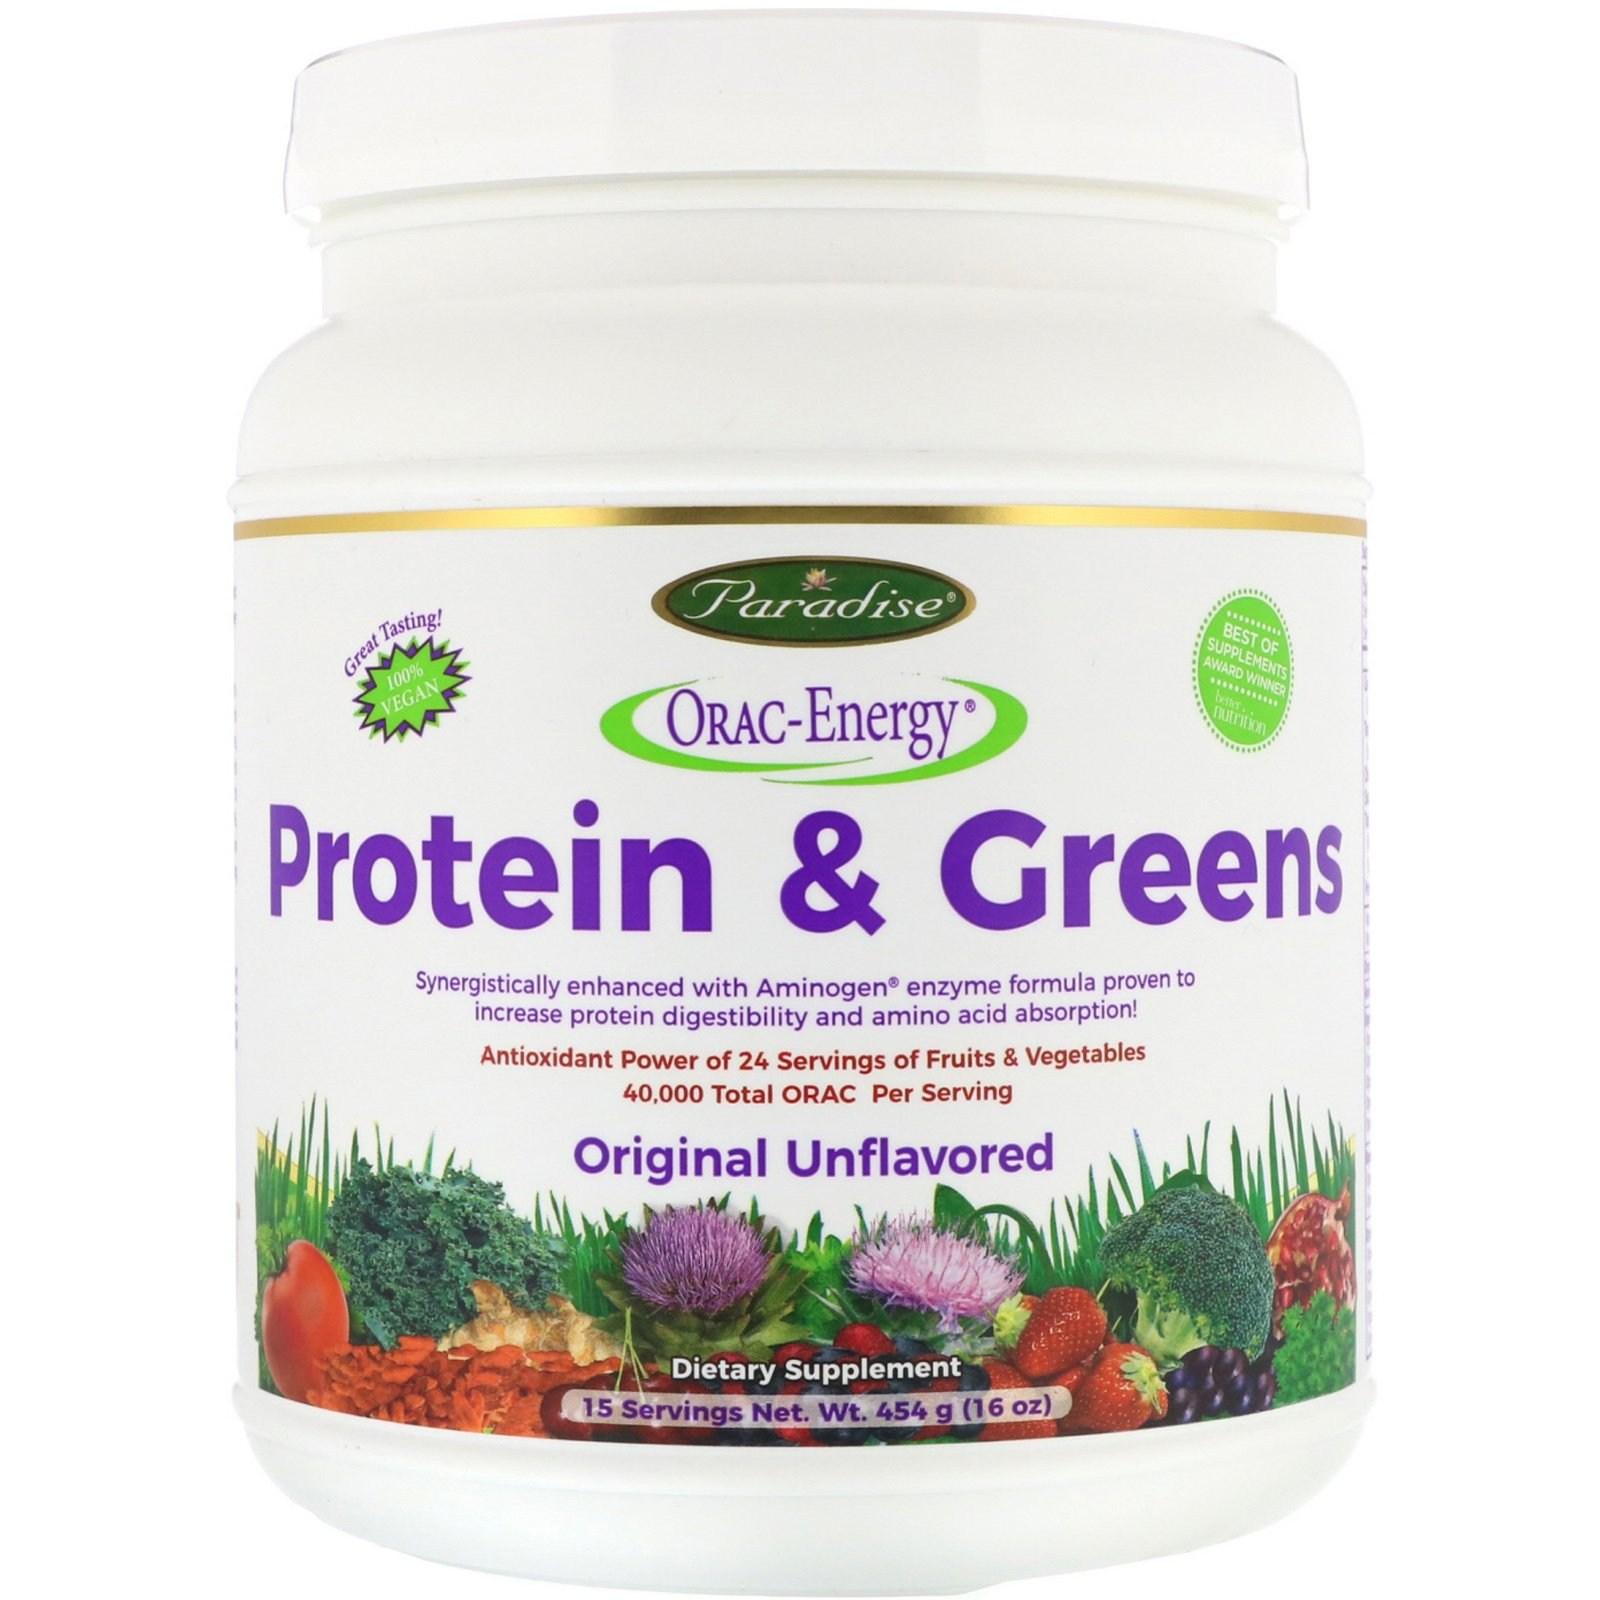 파라다이스허브 ORAC-에너지 프로틴& 식물성 오리지날 454g 단백질, 1개, -